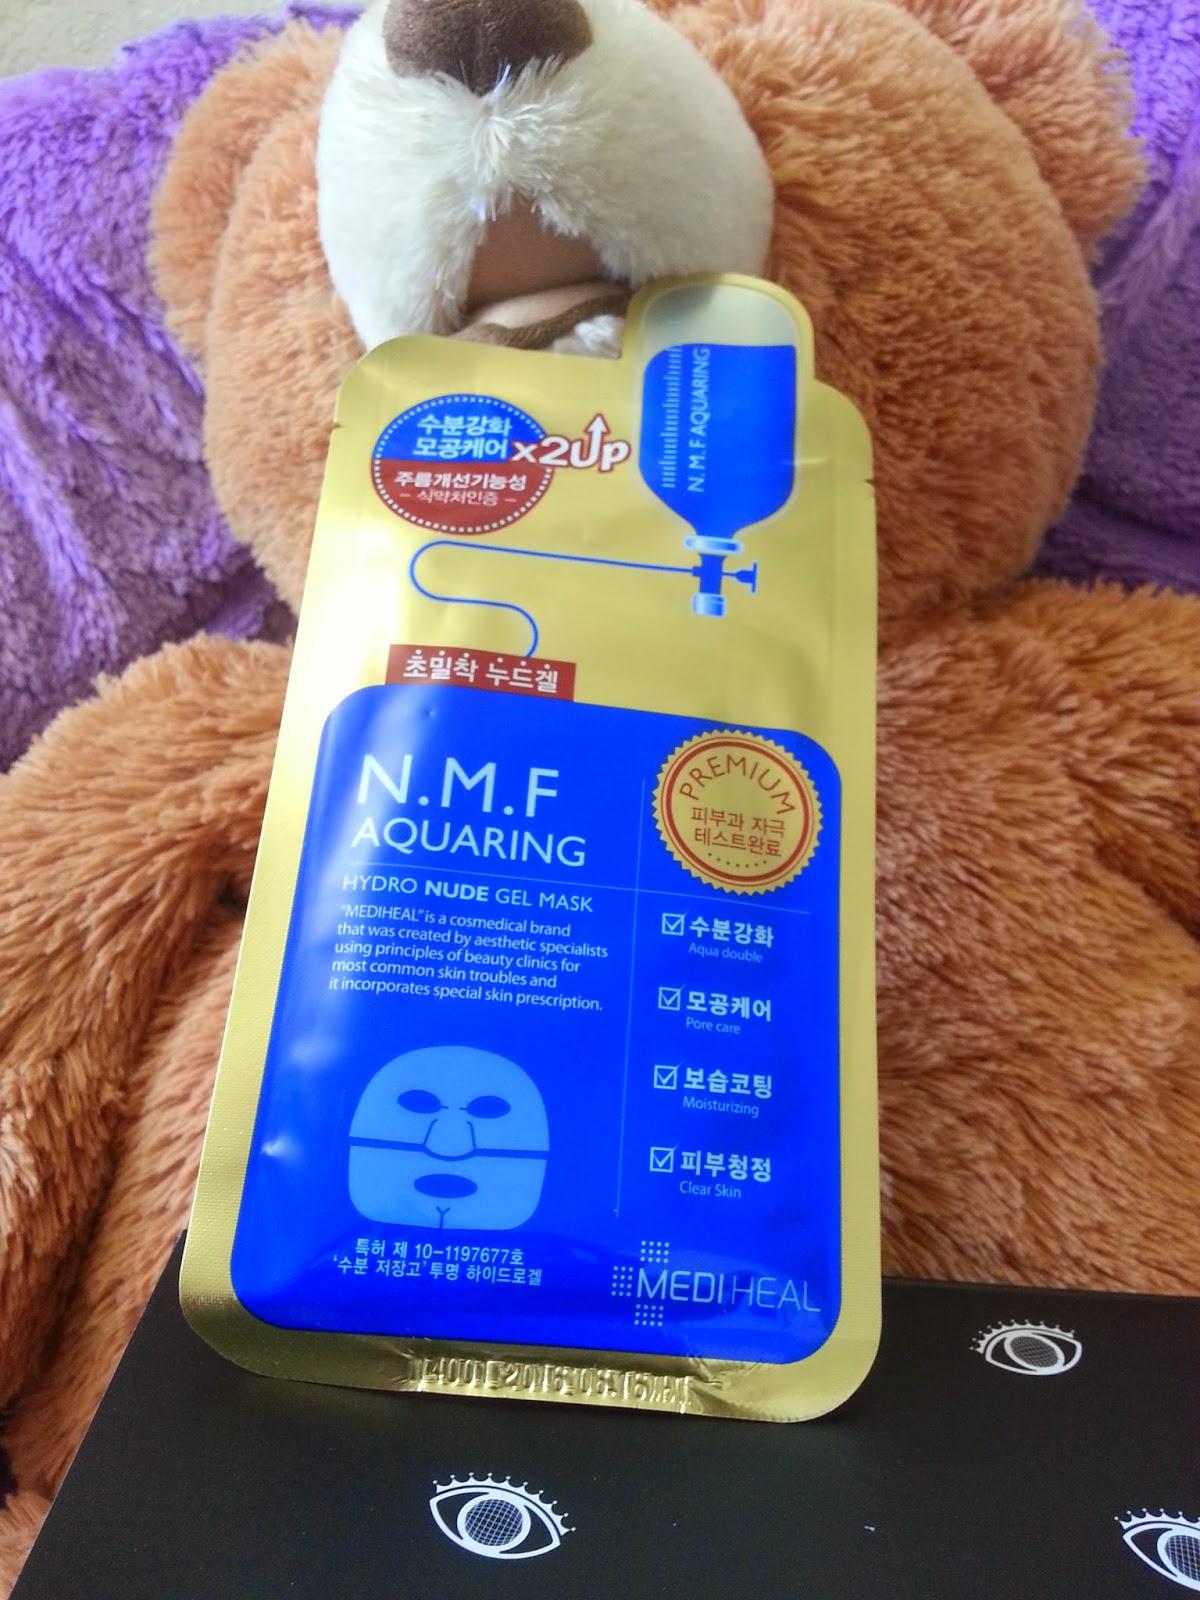 Mediheal N.M.F. Aquaring Nude Gel Mask